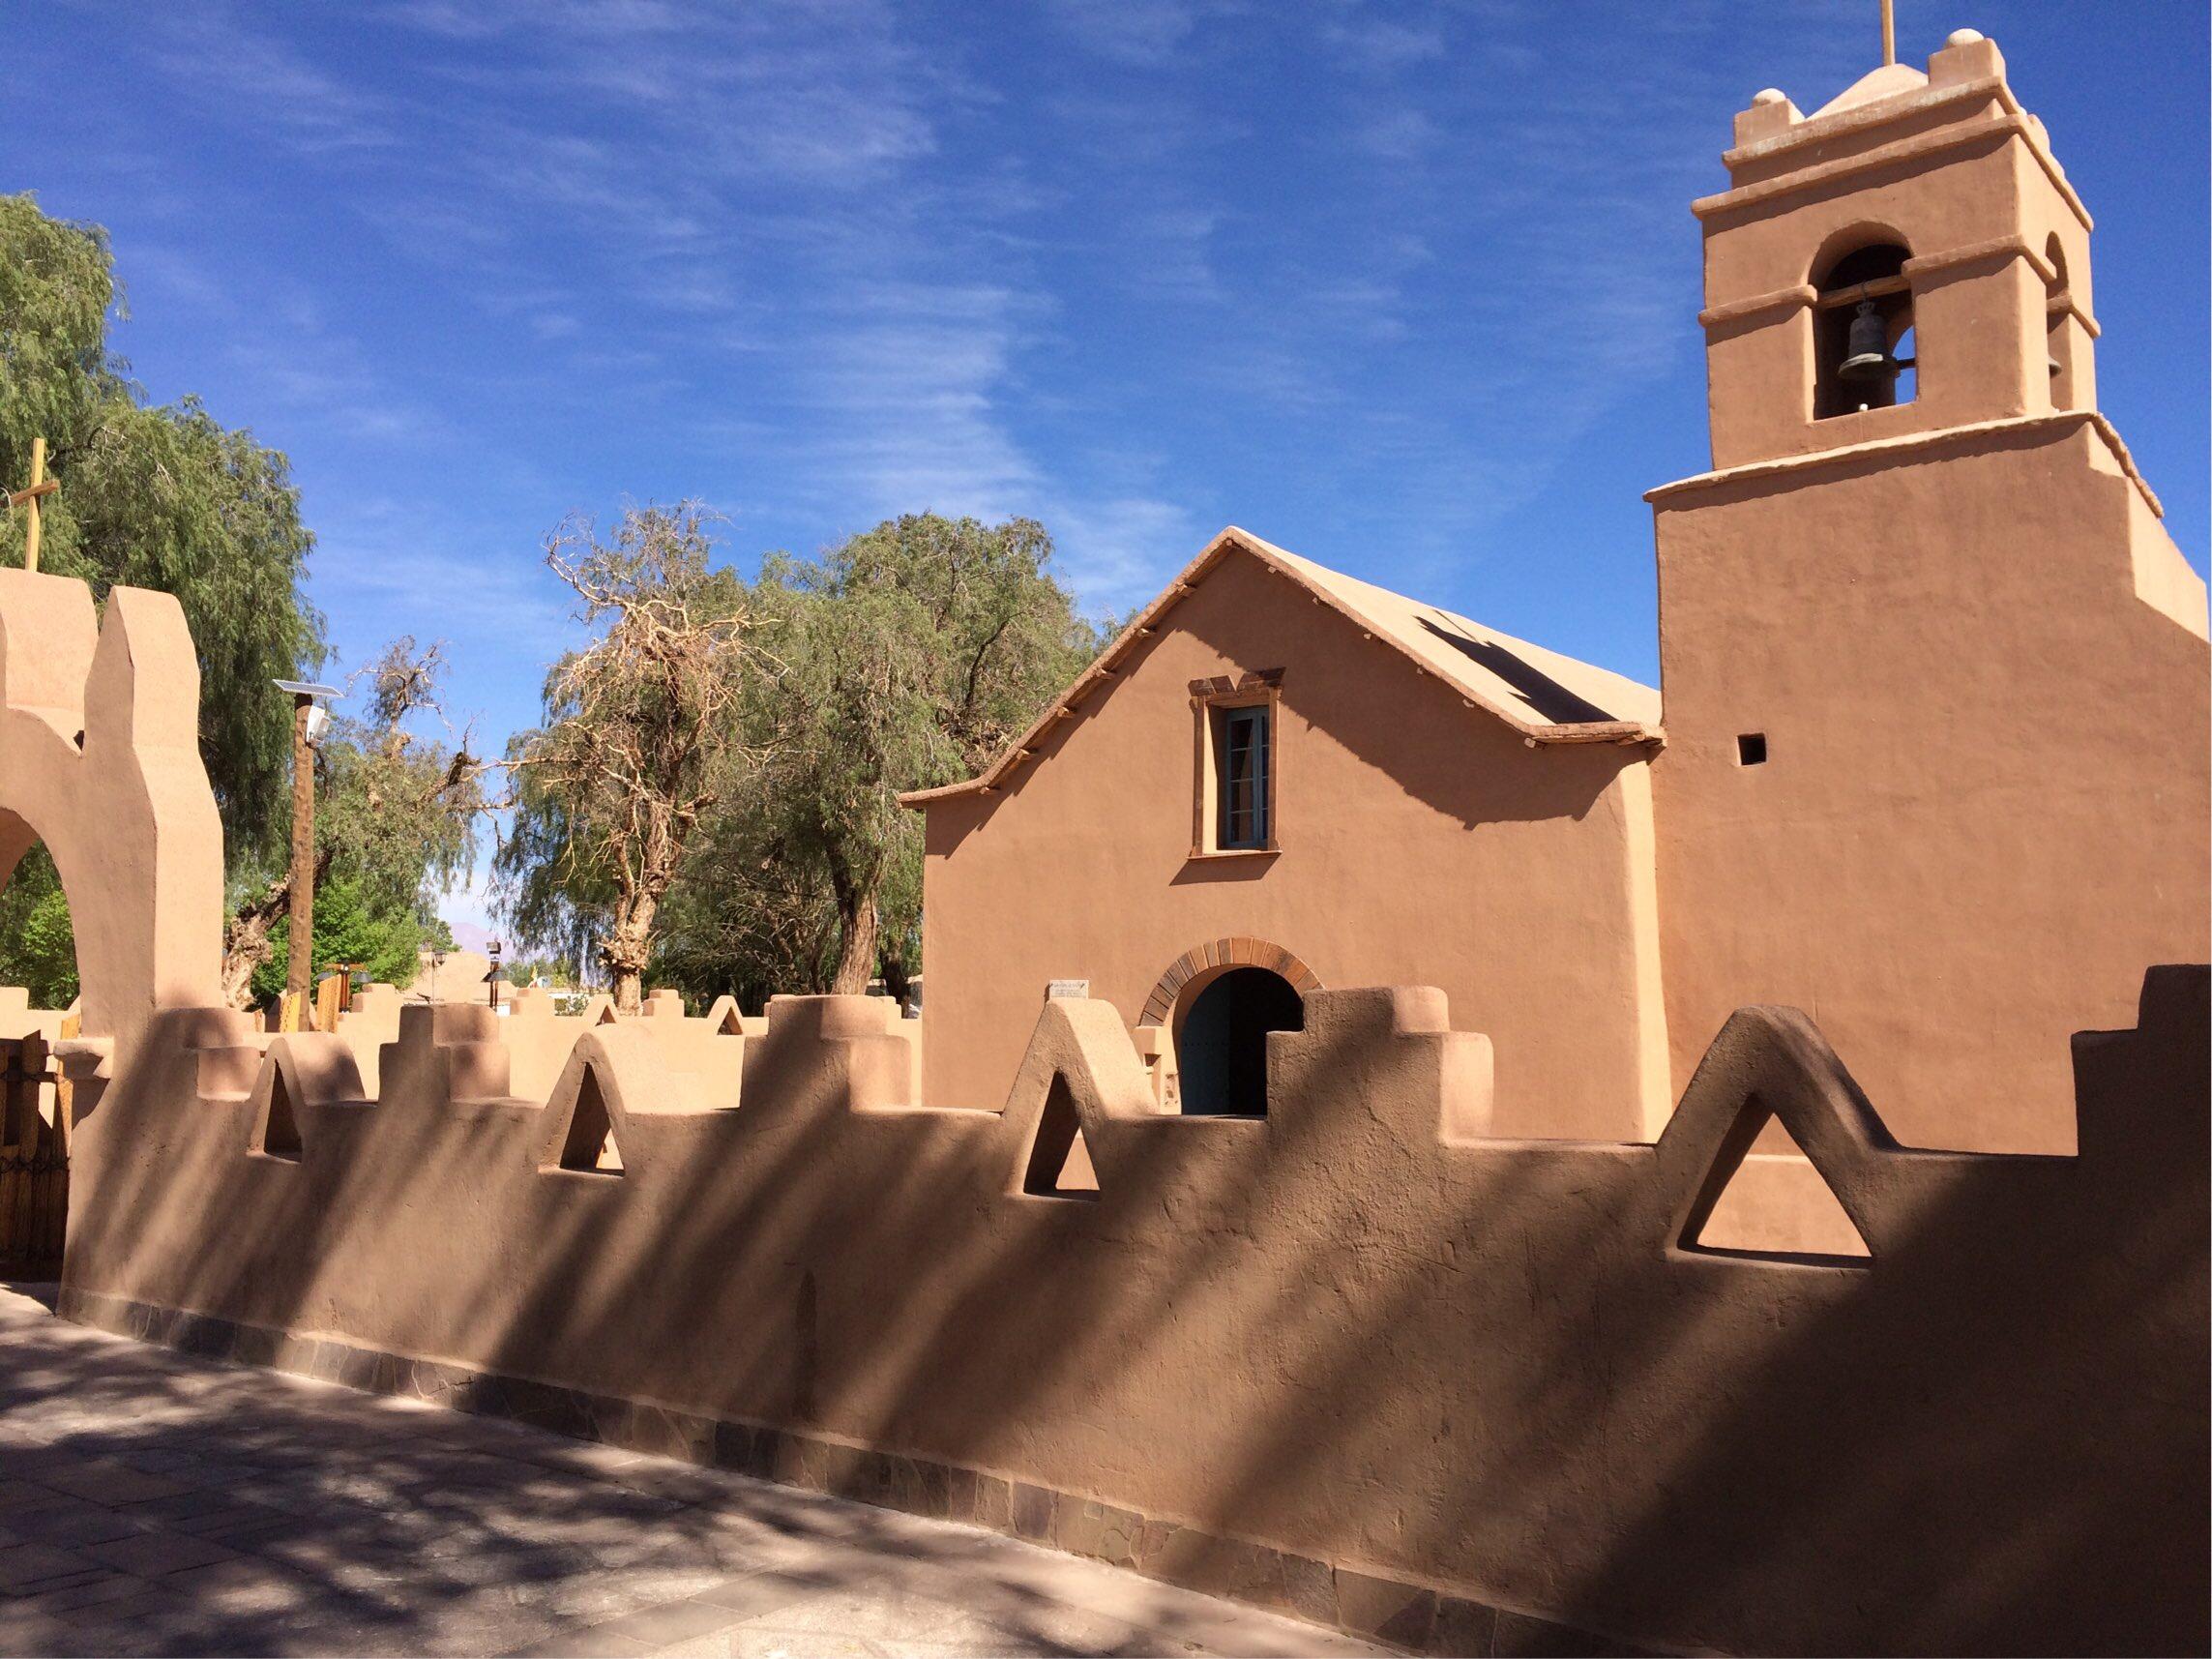 img 3853 - In die Wüste